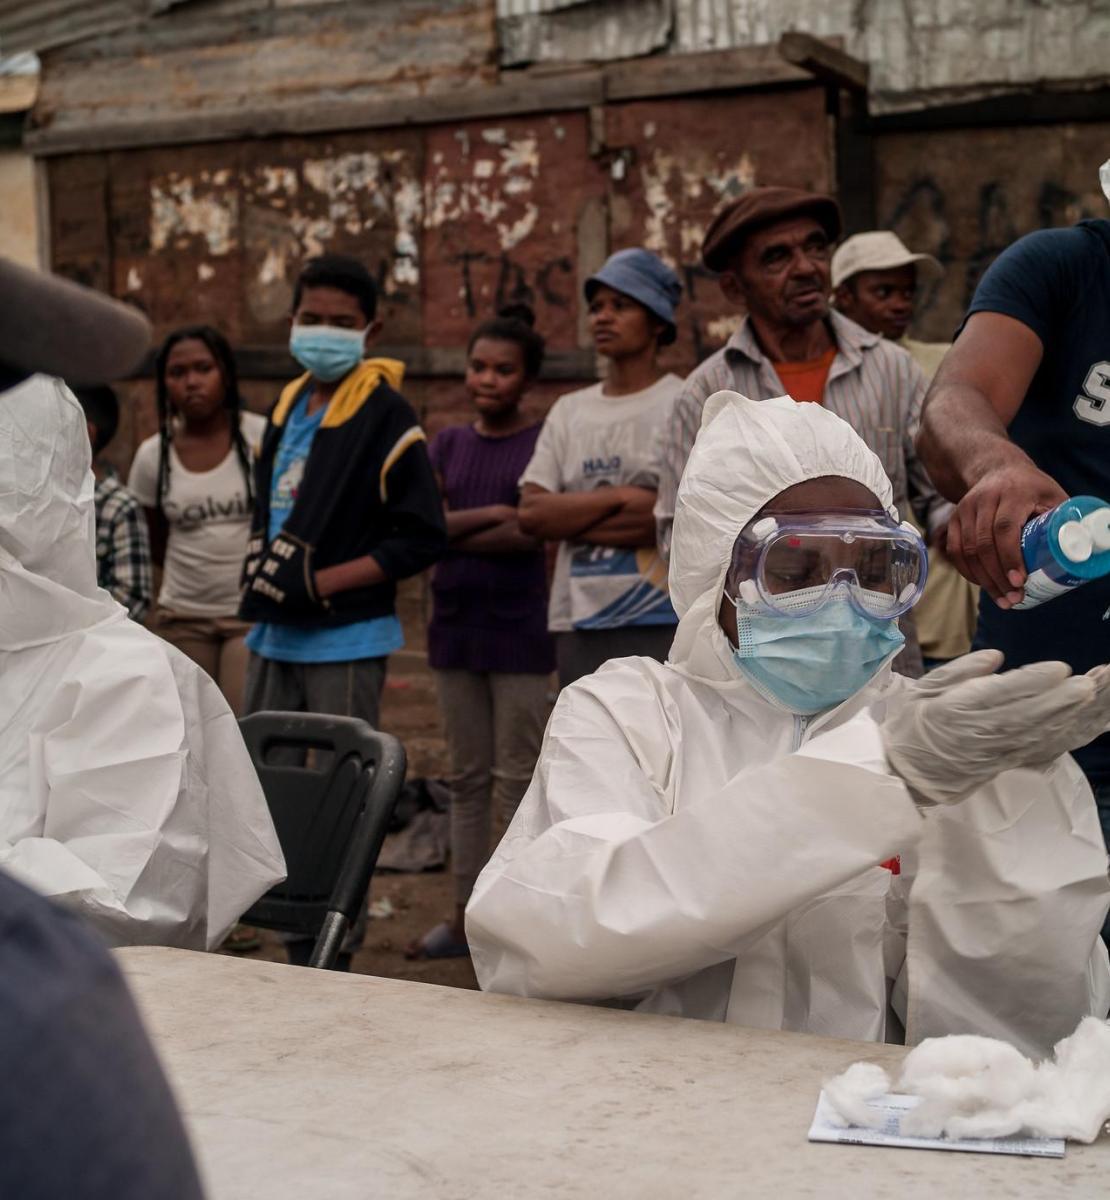 Des personnes patientent derrière une table où sont assis des travailleurs de la santé portant des équipements de protection individuelle de la tête aux pieds. Un homme verse du désinfectant dans les mains d'un des travailleurs de la santé, tandis qu'un autre est assis en face.